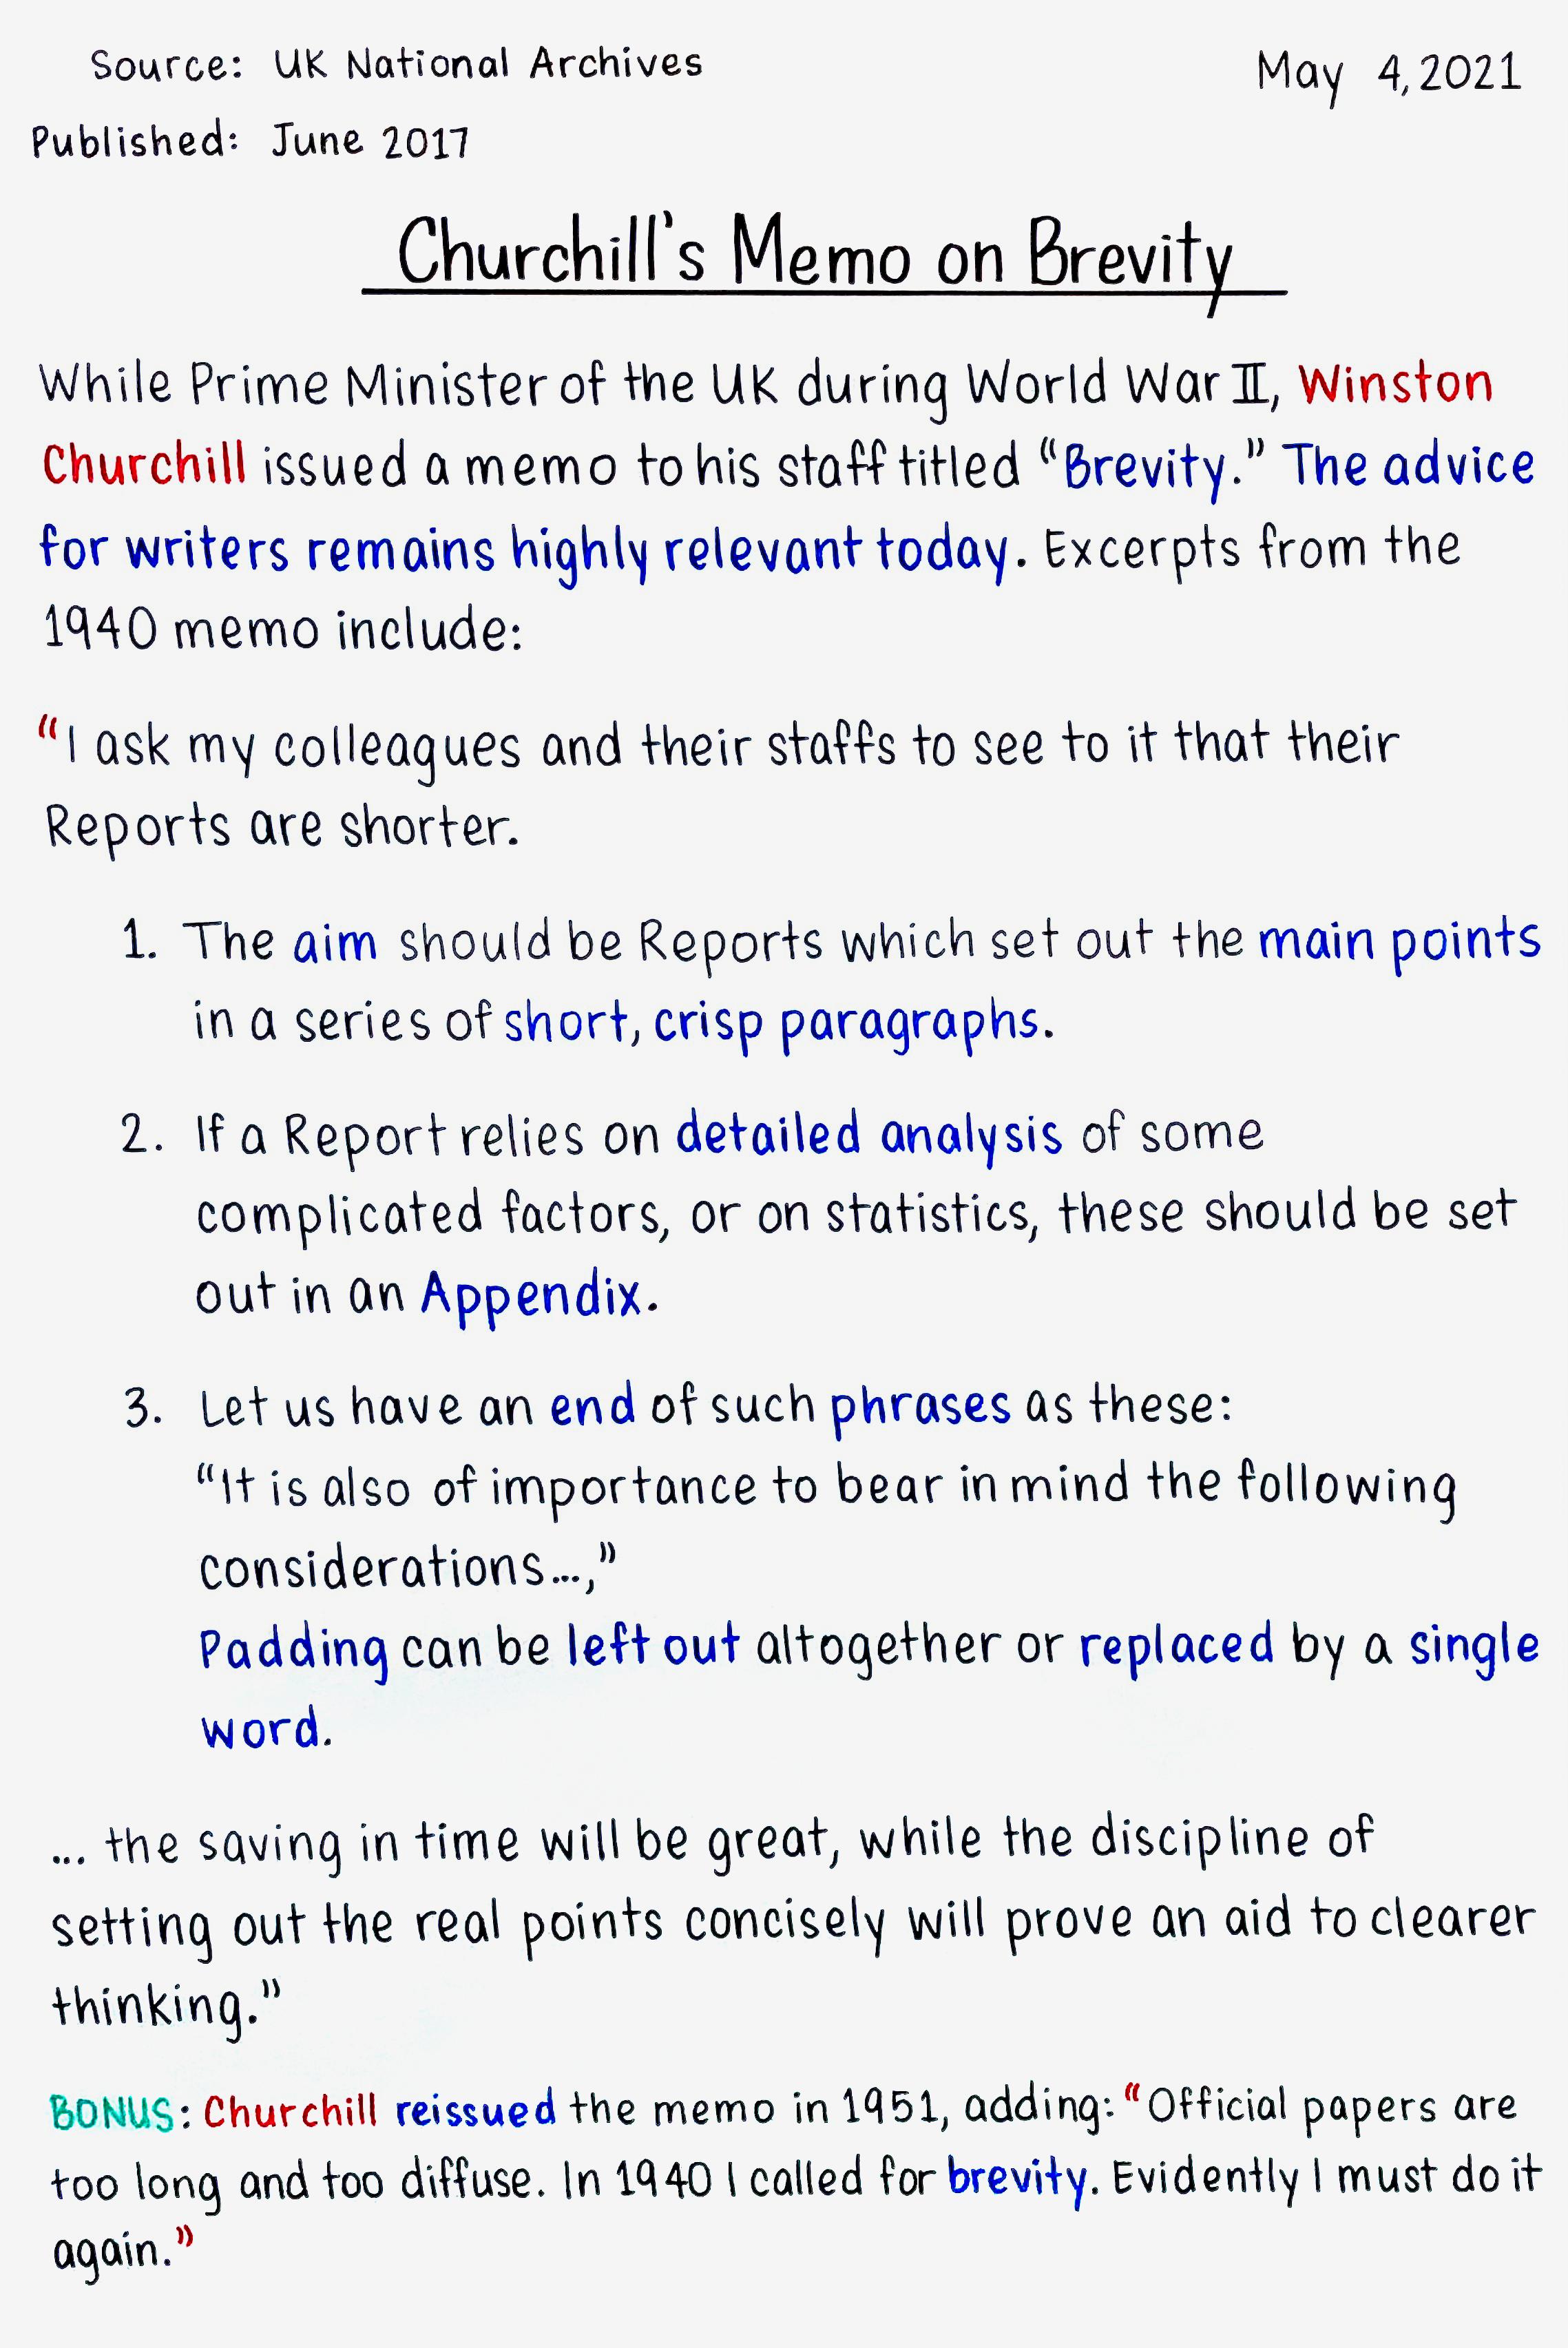 Churchill's Memo on Brevity